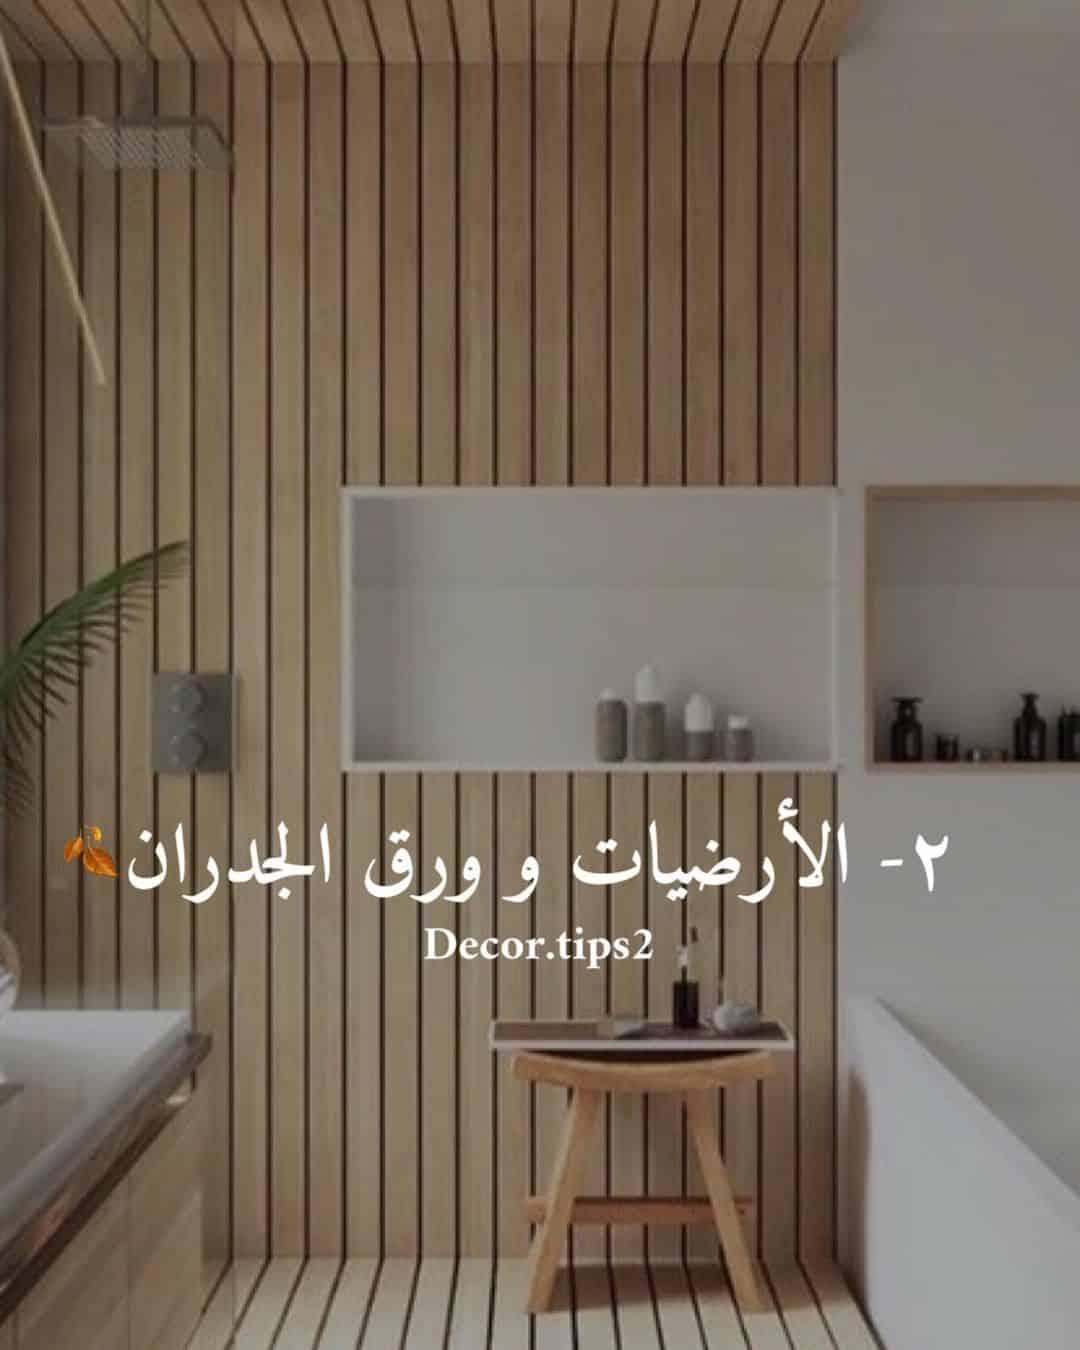 .  ثانيًا: الأرضيات والجدران الخشبية  لاينصح باستخدامها في دورات المياه لامتصا…